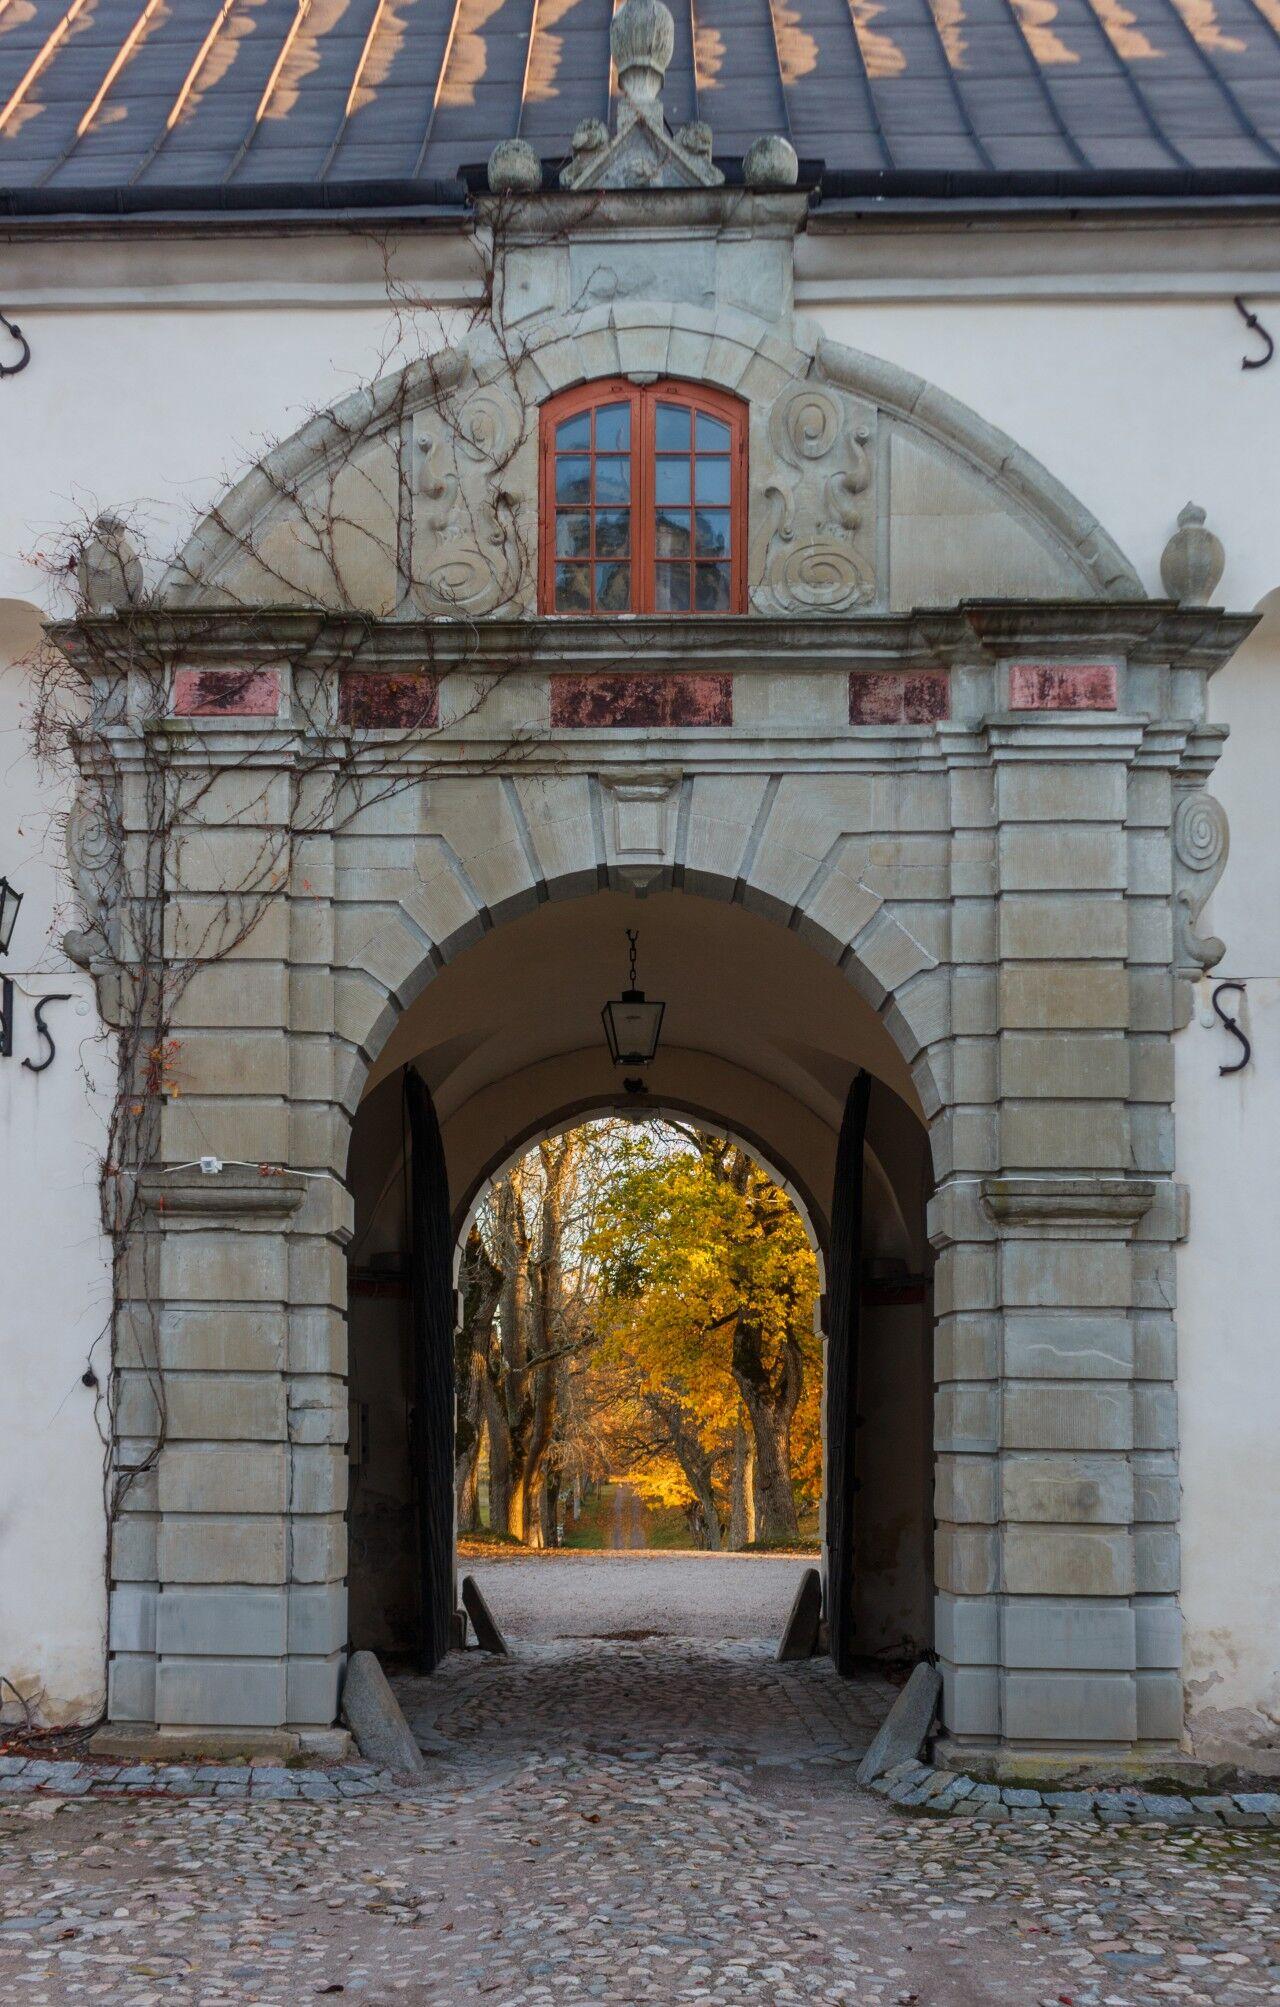 Slottet är byggd som en kvadratisk borg och uppfördes troligen i slutet av 1400-talet